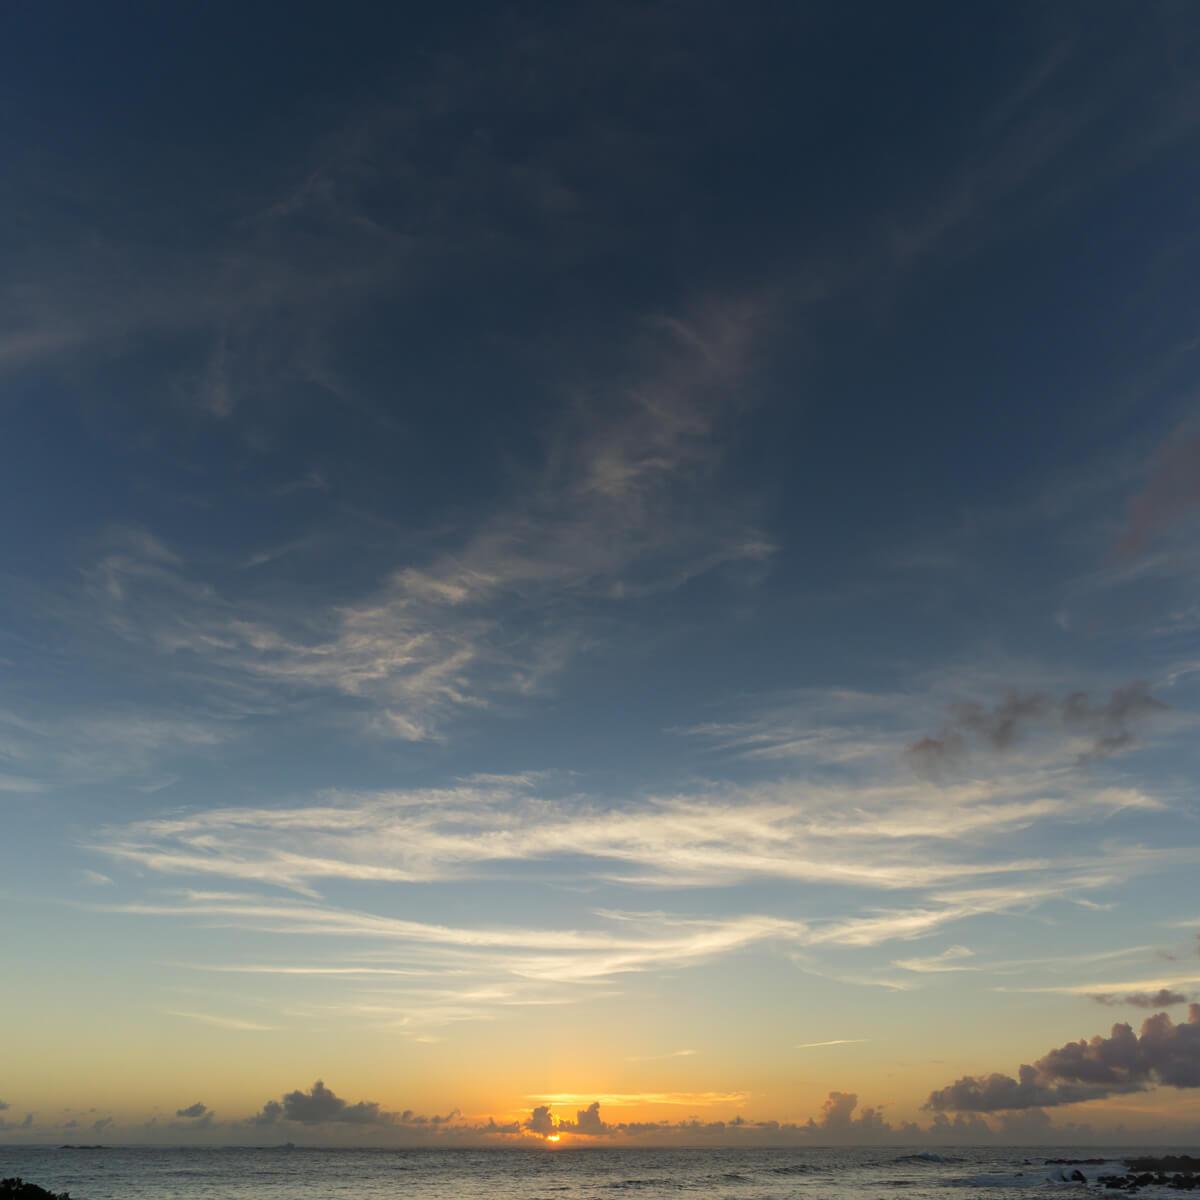 屋久島の海、夕焼け 屋久島海とジュエリー オーダーメイドマリッジリングのモチーフ